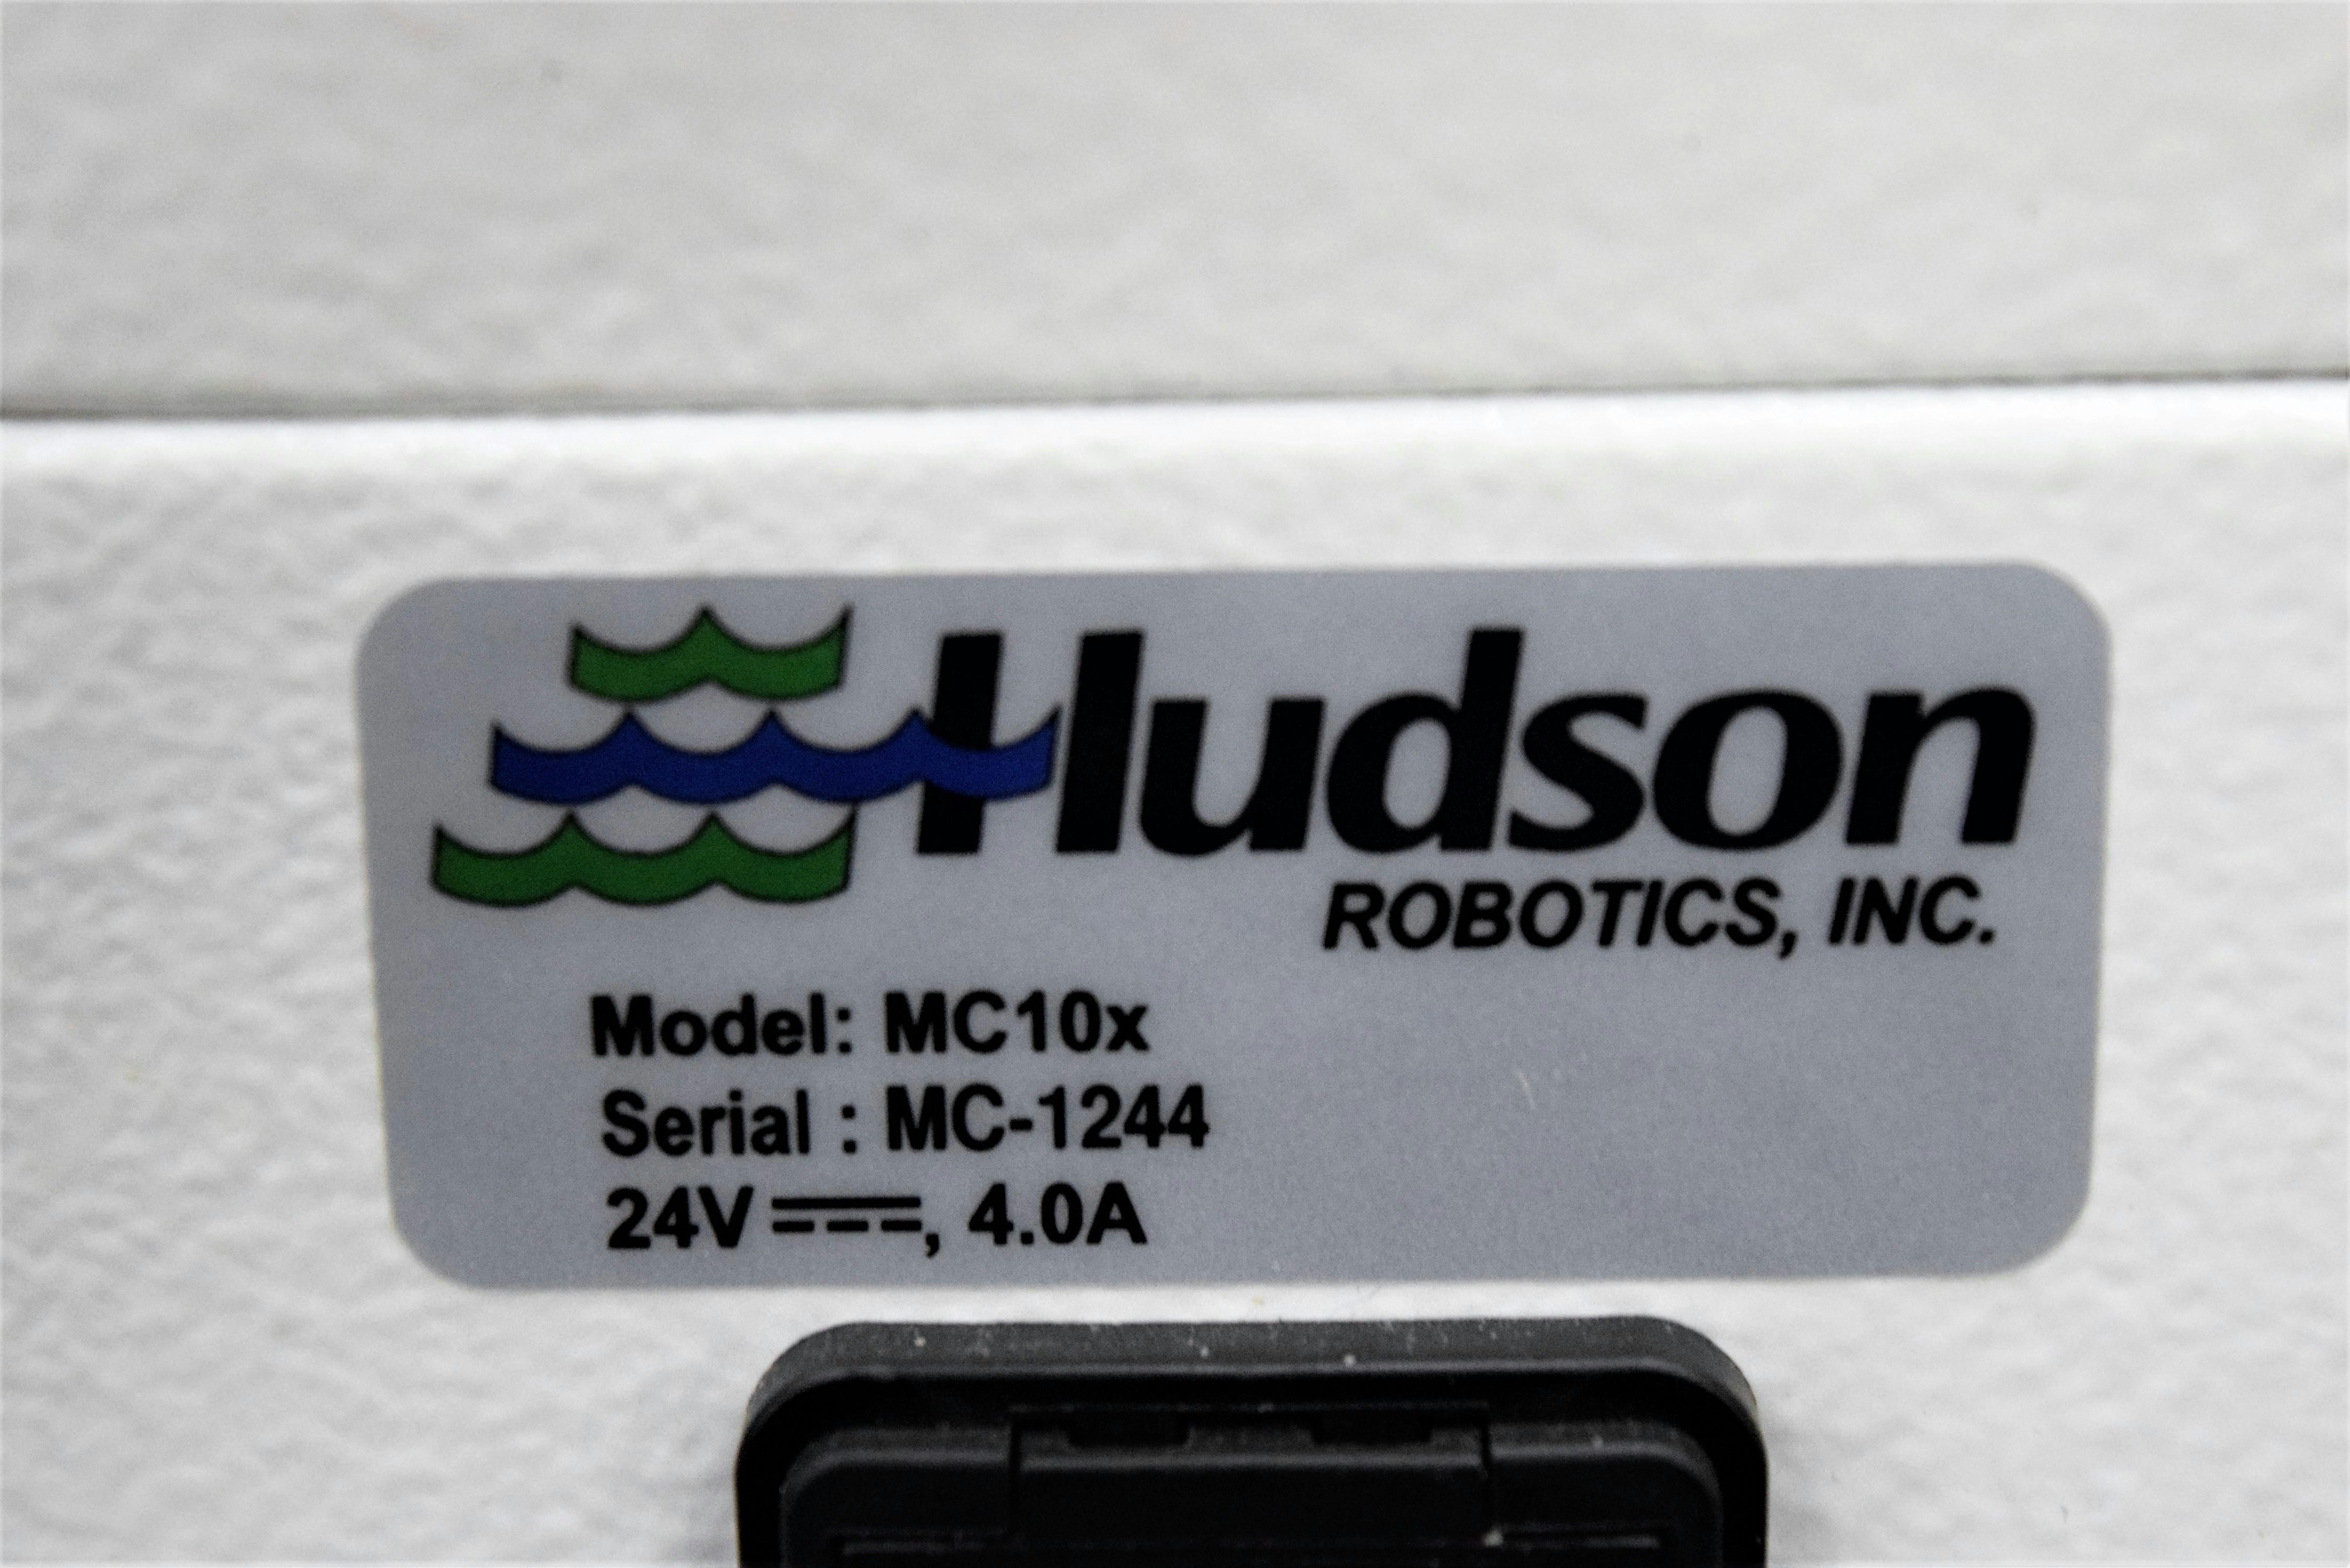 Buy it now Price Hudson Robotics